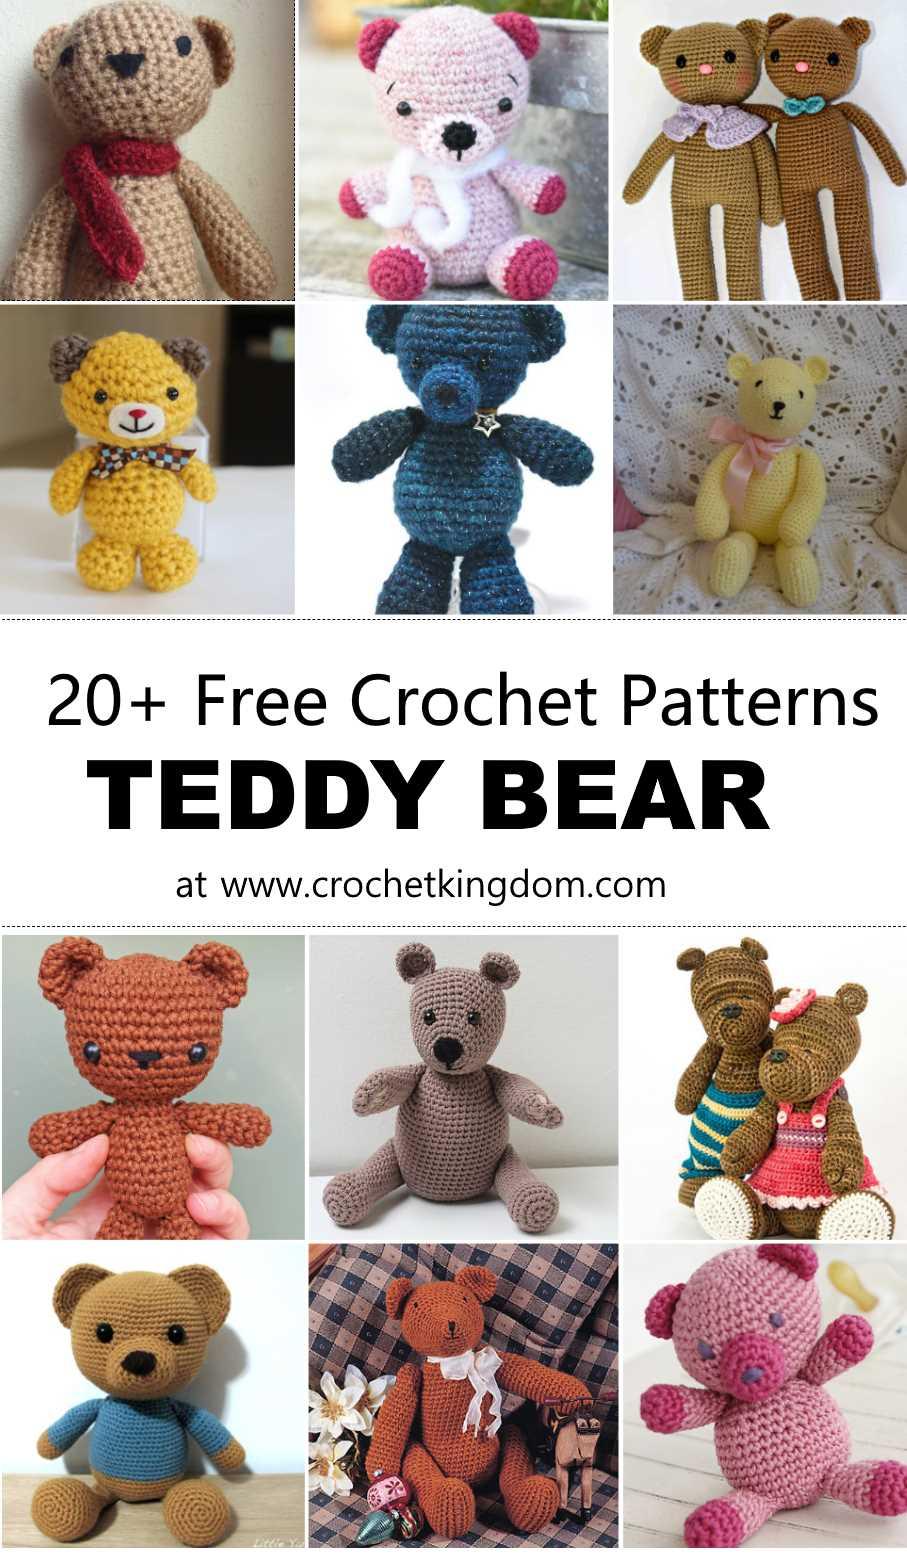 20 Free Crochet Teddy Bear Patterns ⋆ Crochet Kingdom